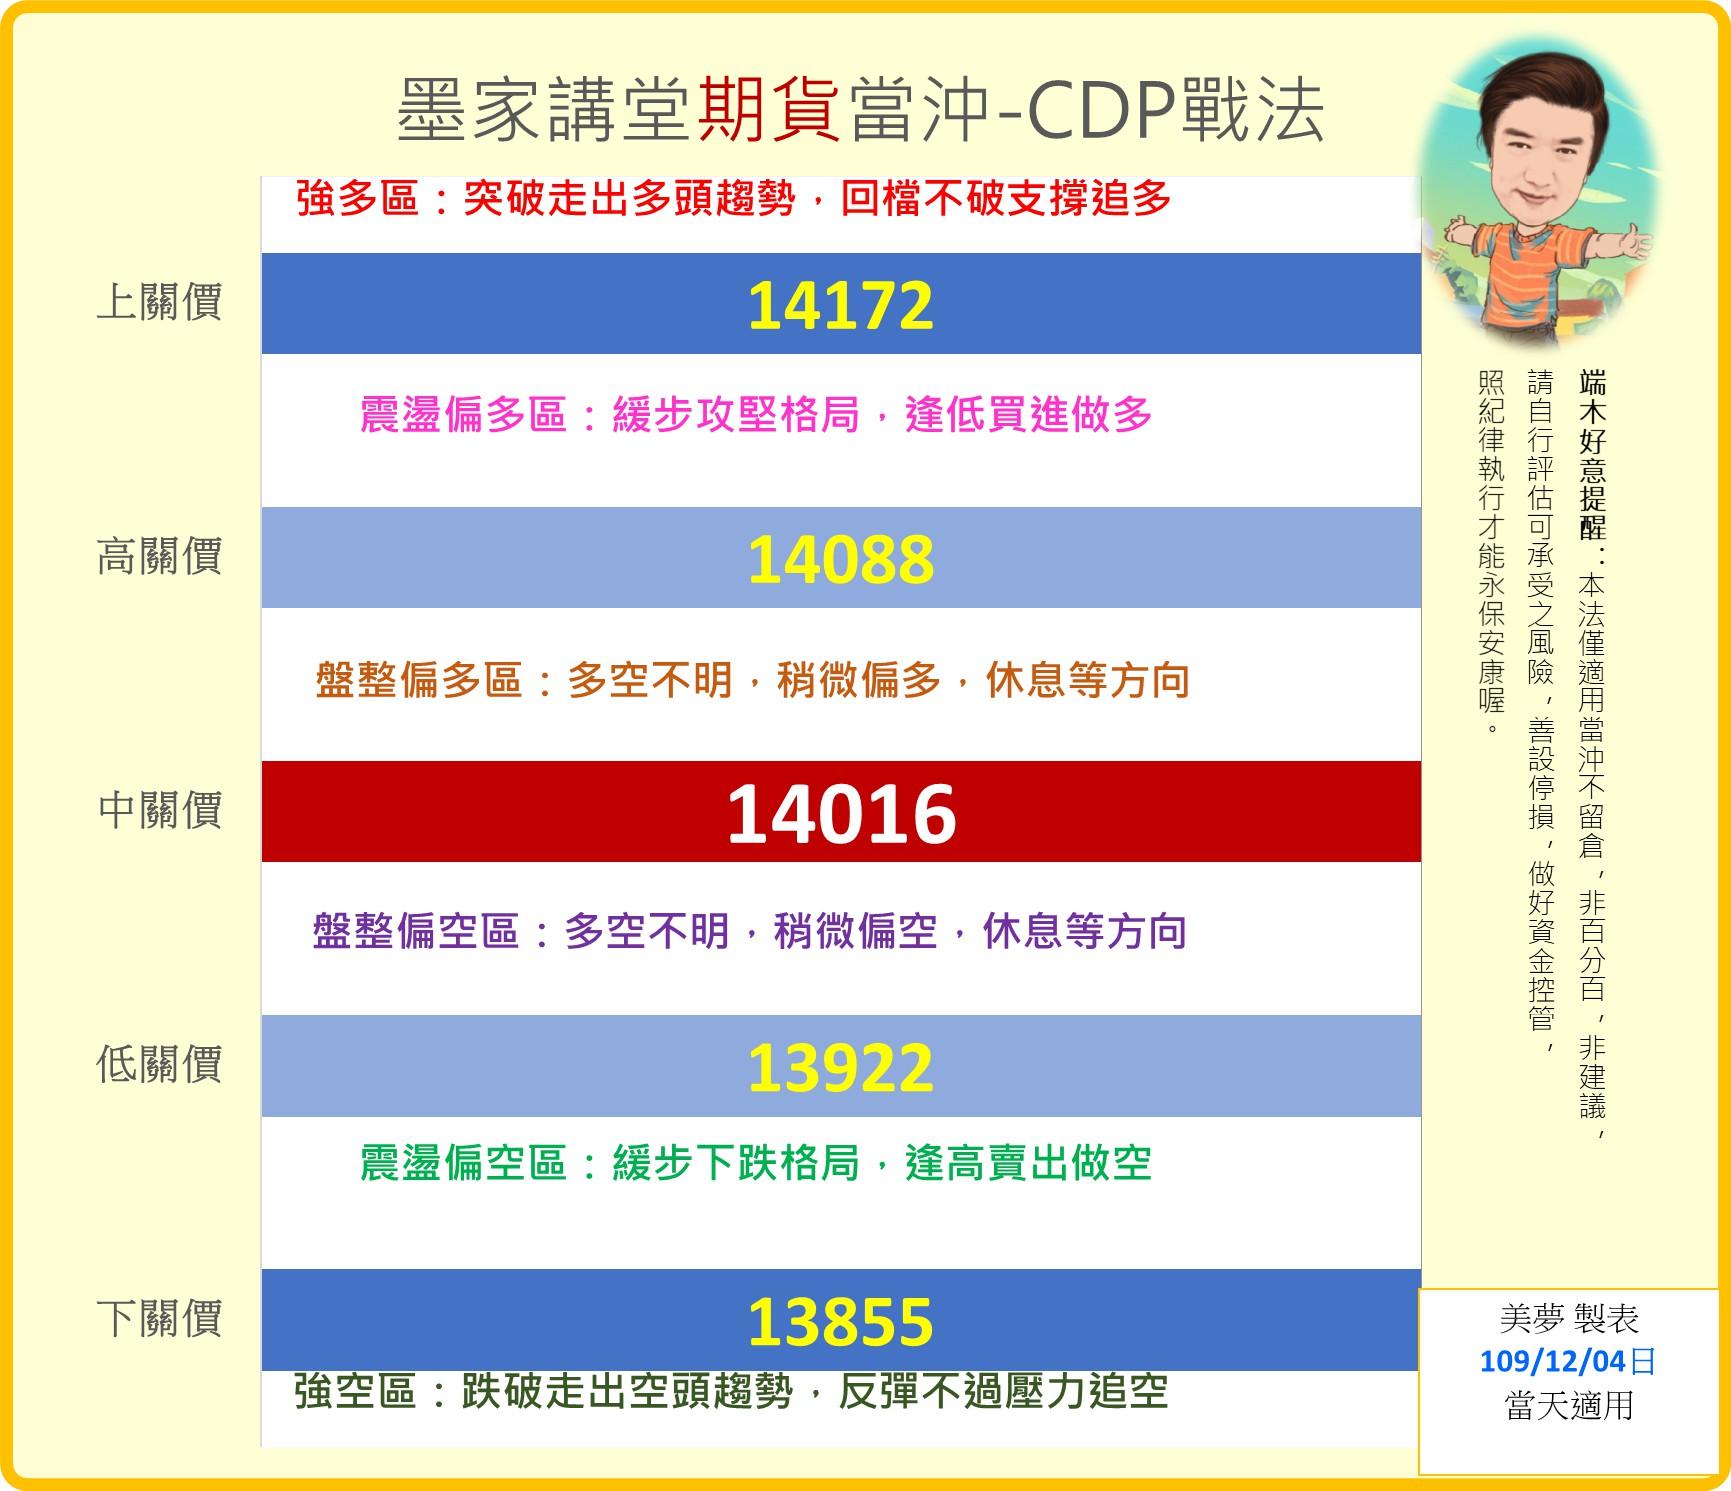 1091204台指當沖CDP戰法